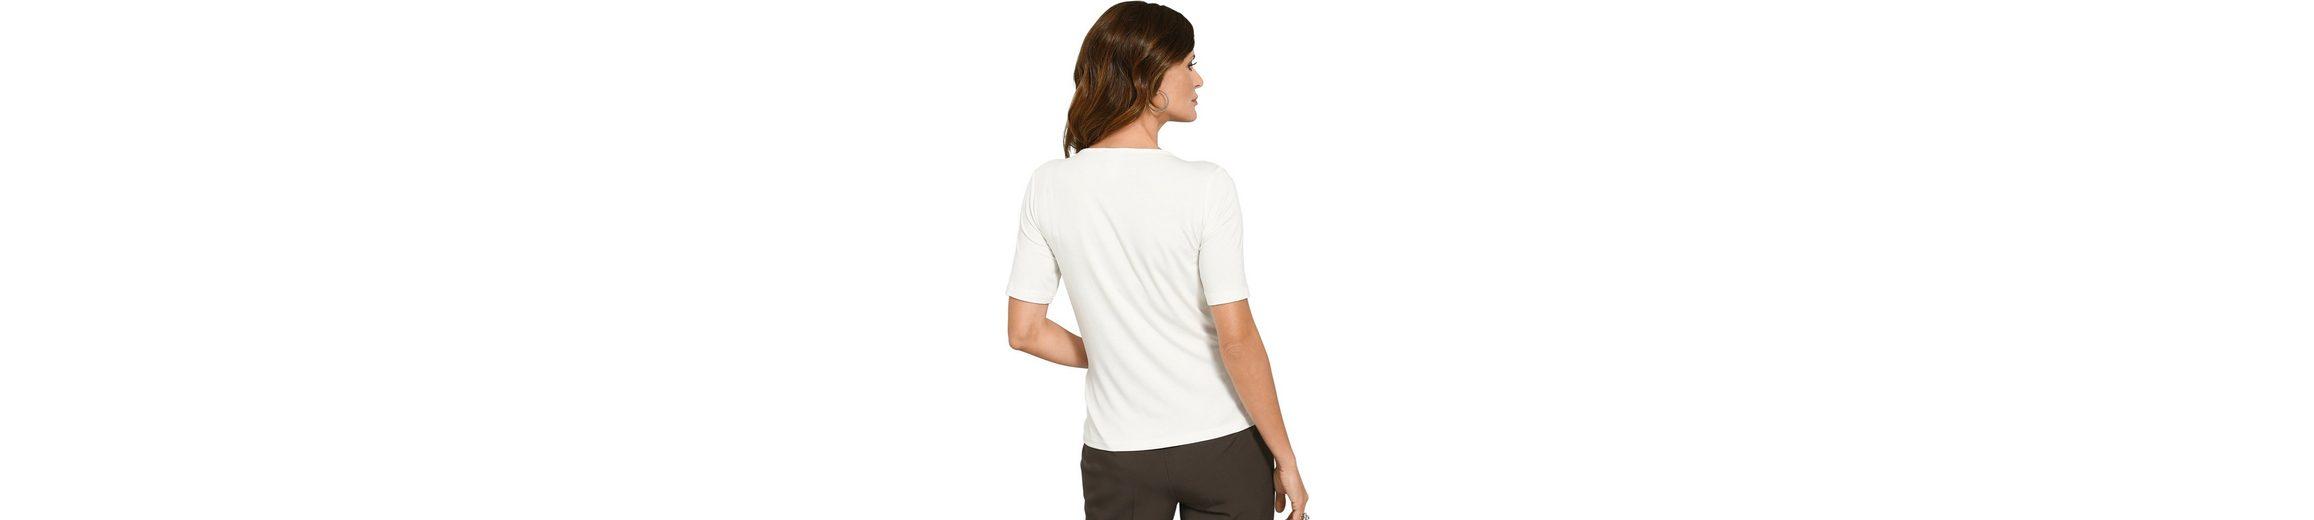 Lady aufgen盲hten Shirt Fair mit Ziersteine Shirt Fair Shirt Lady Ziersteine Ziersteine Fair aufgen盲hten Lady mit mit aufgen盲hten PnA07nq6